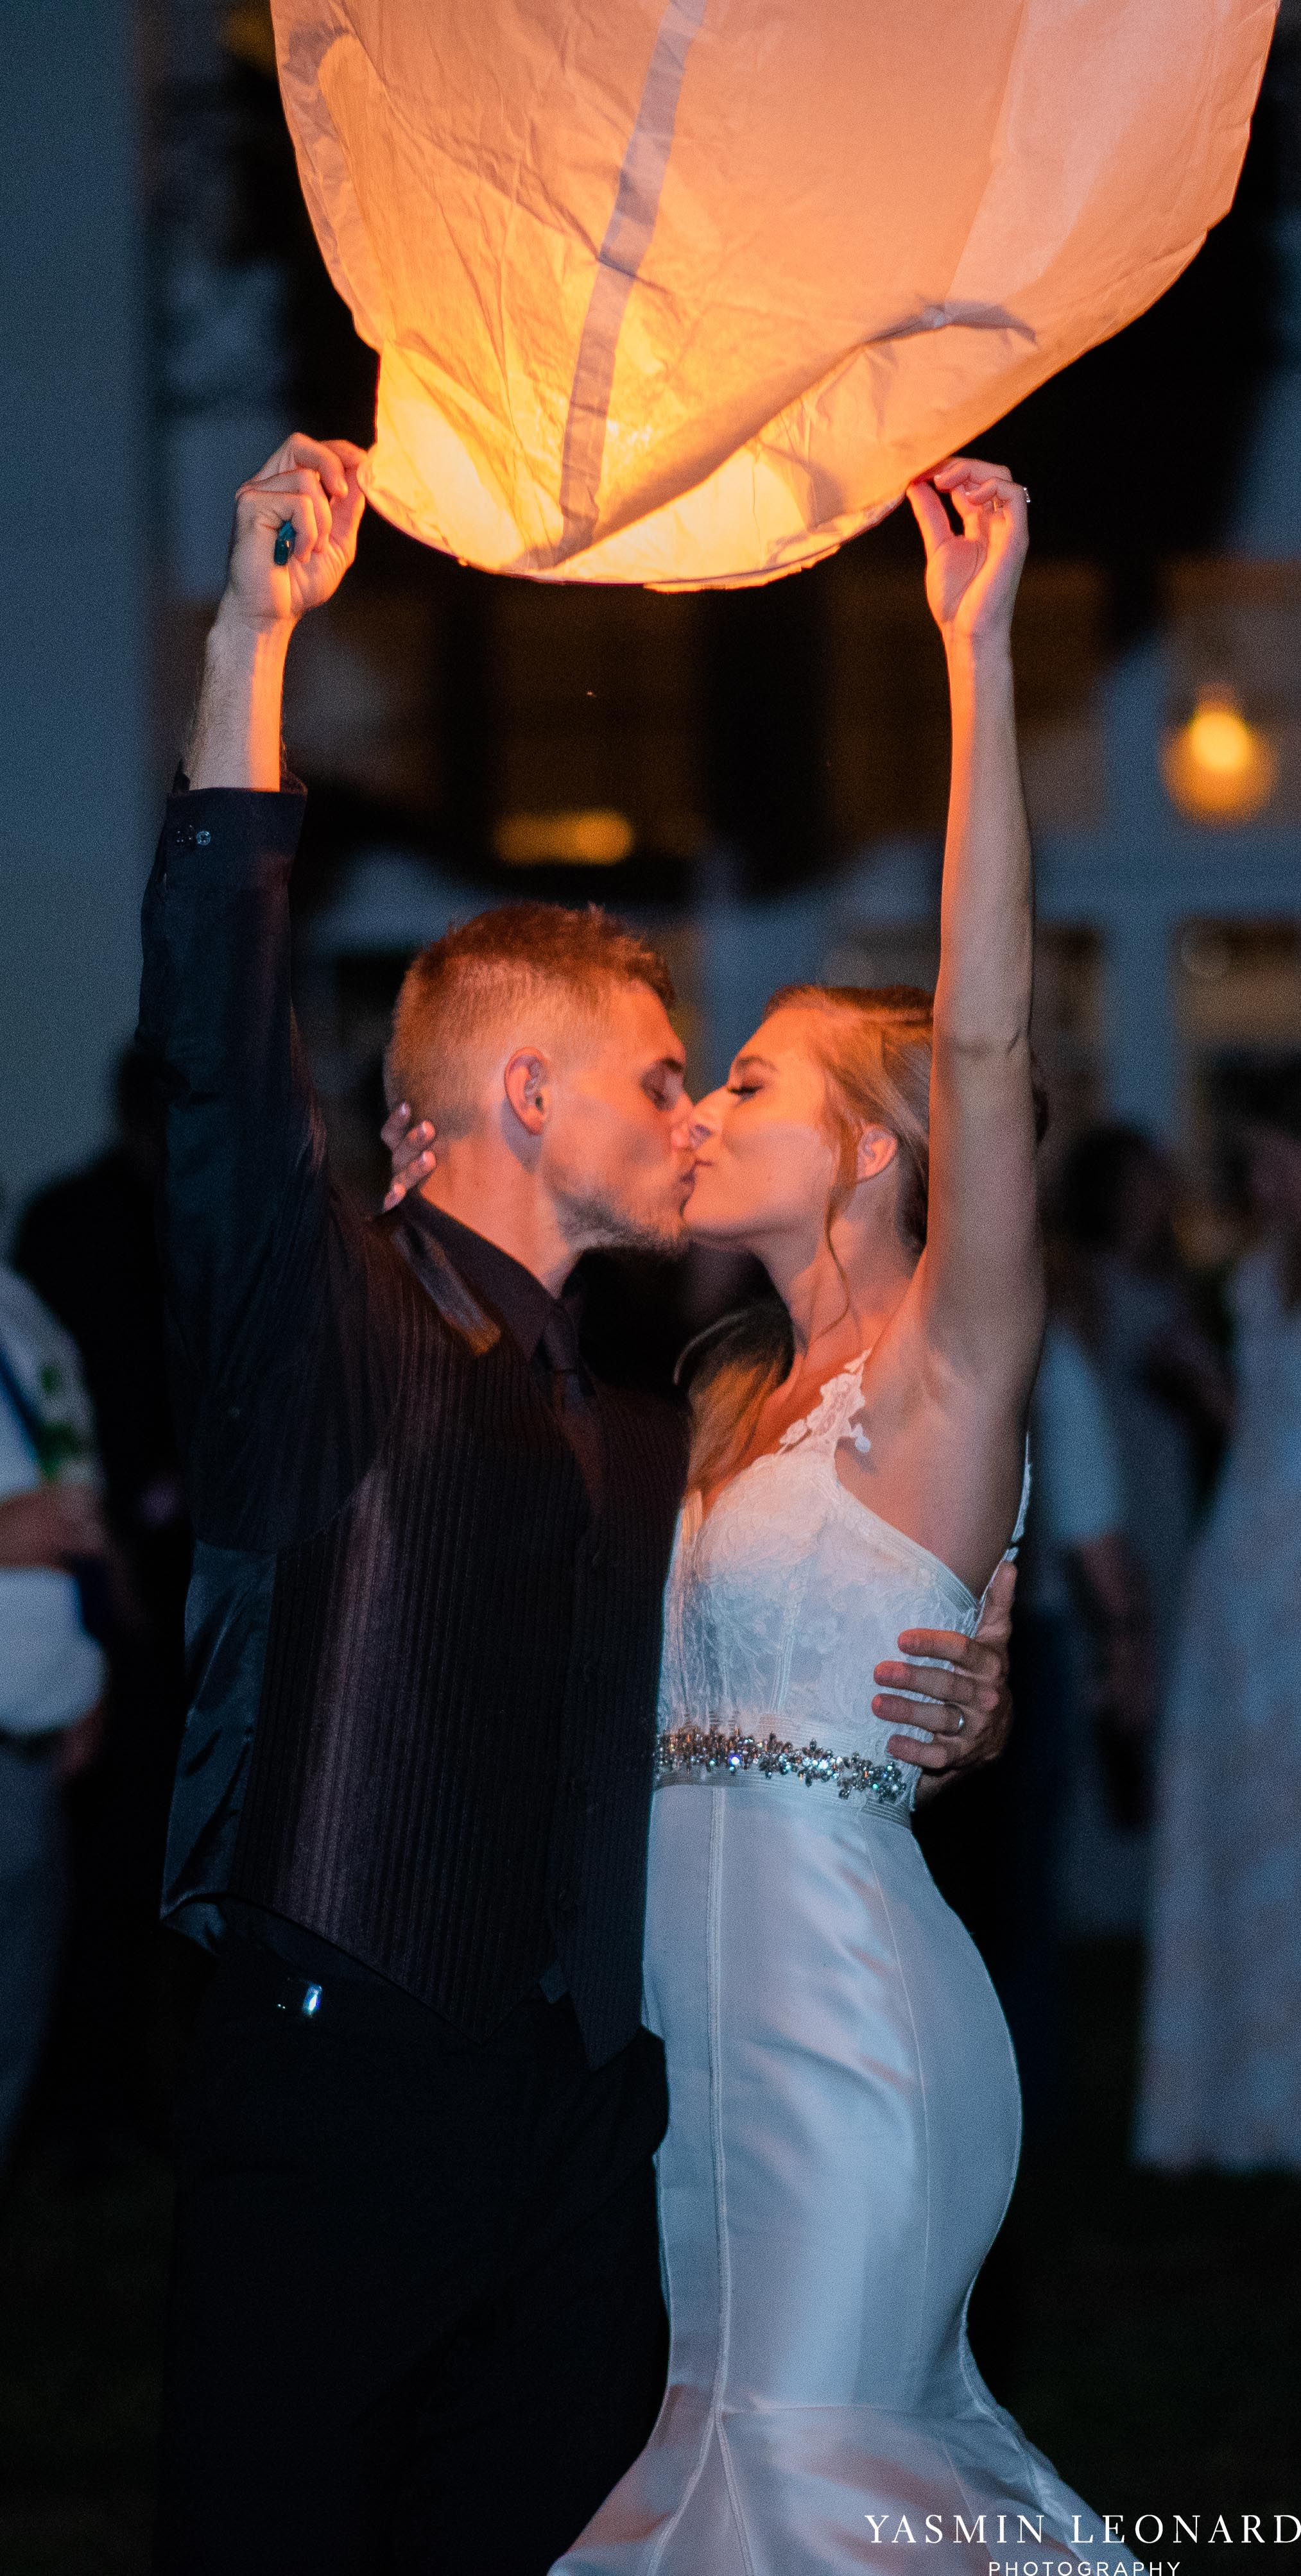 Boxwood Estate - Boxwood Estate Wedding - Luxury Wedding - Black and White Wedding - NC Wedding Venues - NC Weddings - NC Photographer - Lantern Release Grand Exit - Large Wedding Party - Yasmin Leonard Photography-90.jpg